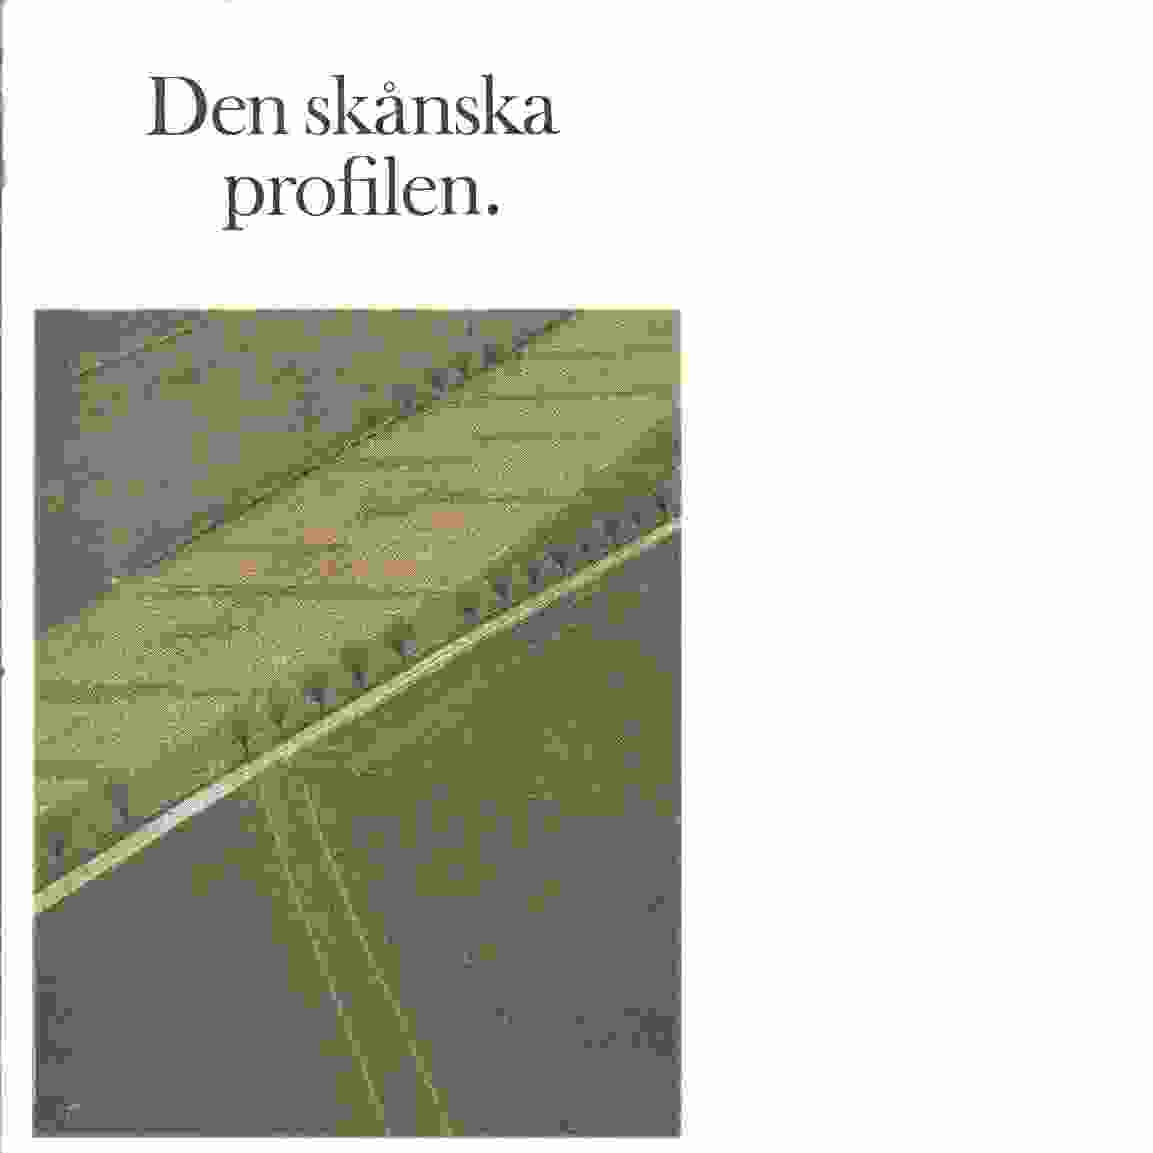 Den skånska profilen - Red. Skånska sparbanksföreningen